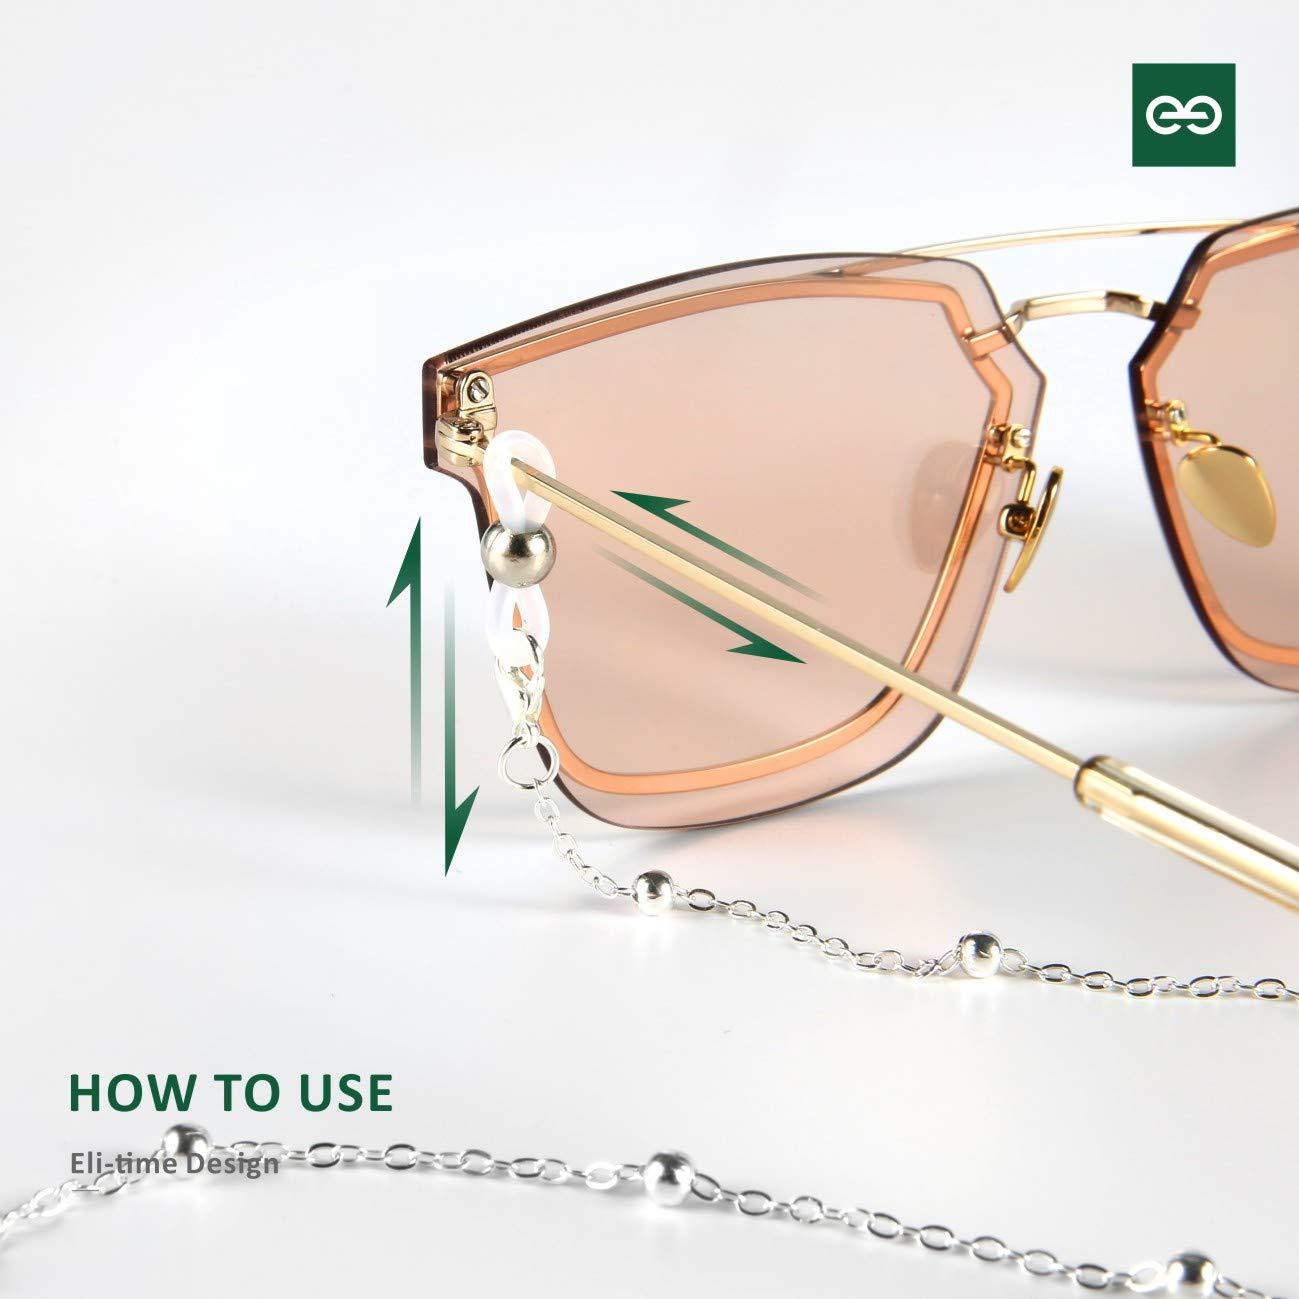 Nero//Bianco Cordino per occhiali da sole Eli-time Catena per occhiali da donna Cordini per occhiali da lettura con anello in gomma antiscivolo Cinturino per occhiali Collana da donna